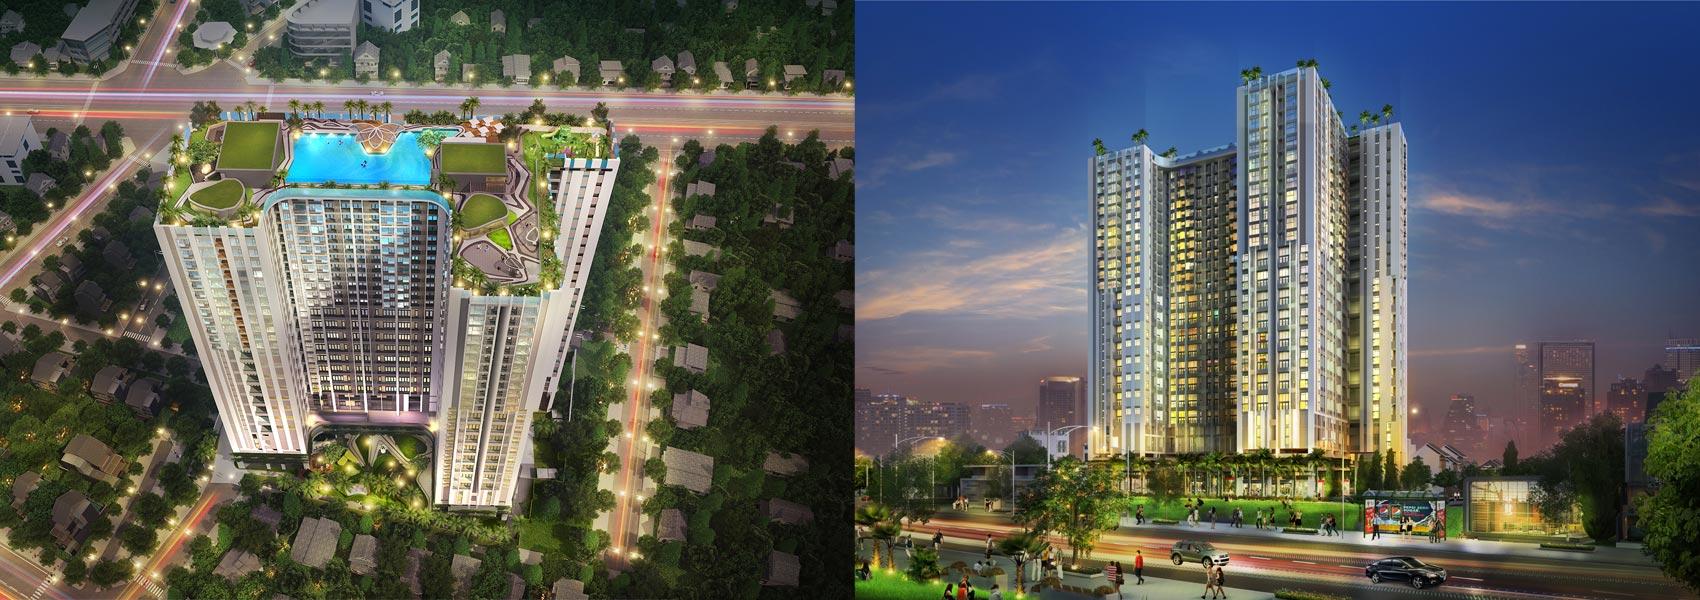 Mua bán và cho thuê Căn hộ La Cosmo Quận Tân Bình là dự án theo dòng sản phẩm La Asotoria mà chủ đầu tư An Gia Hưng